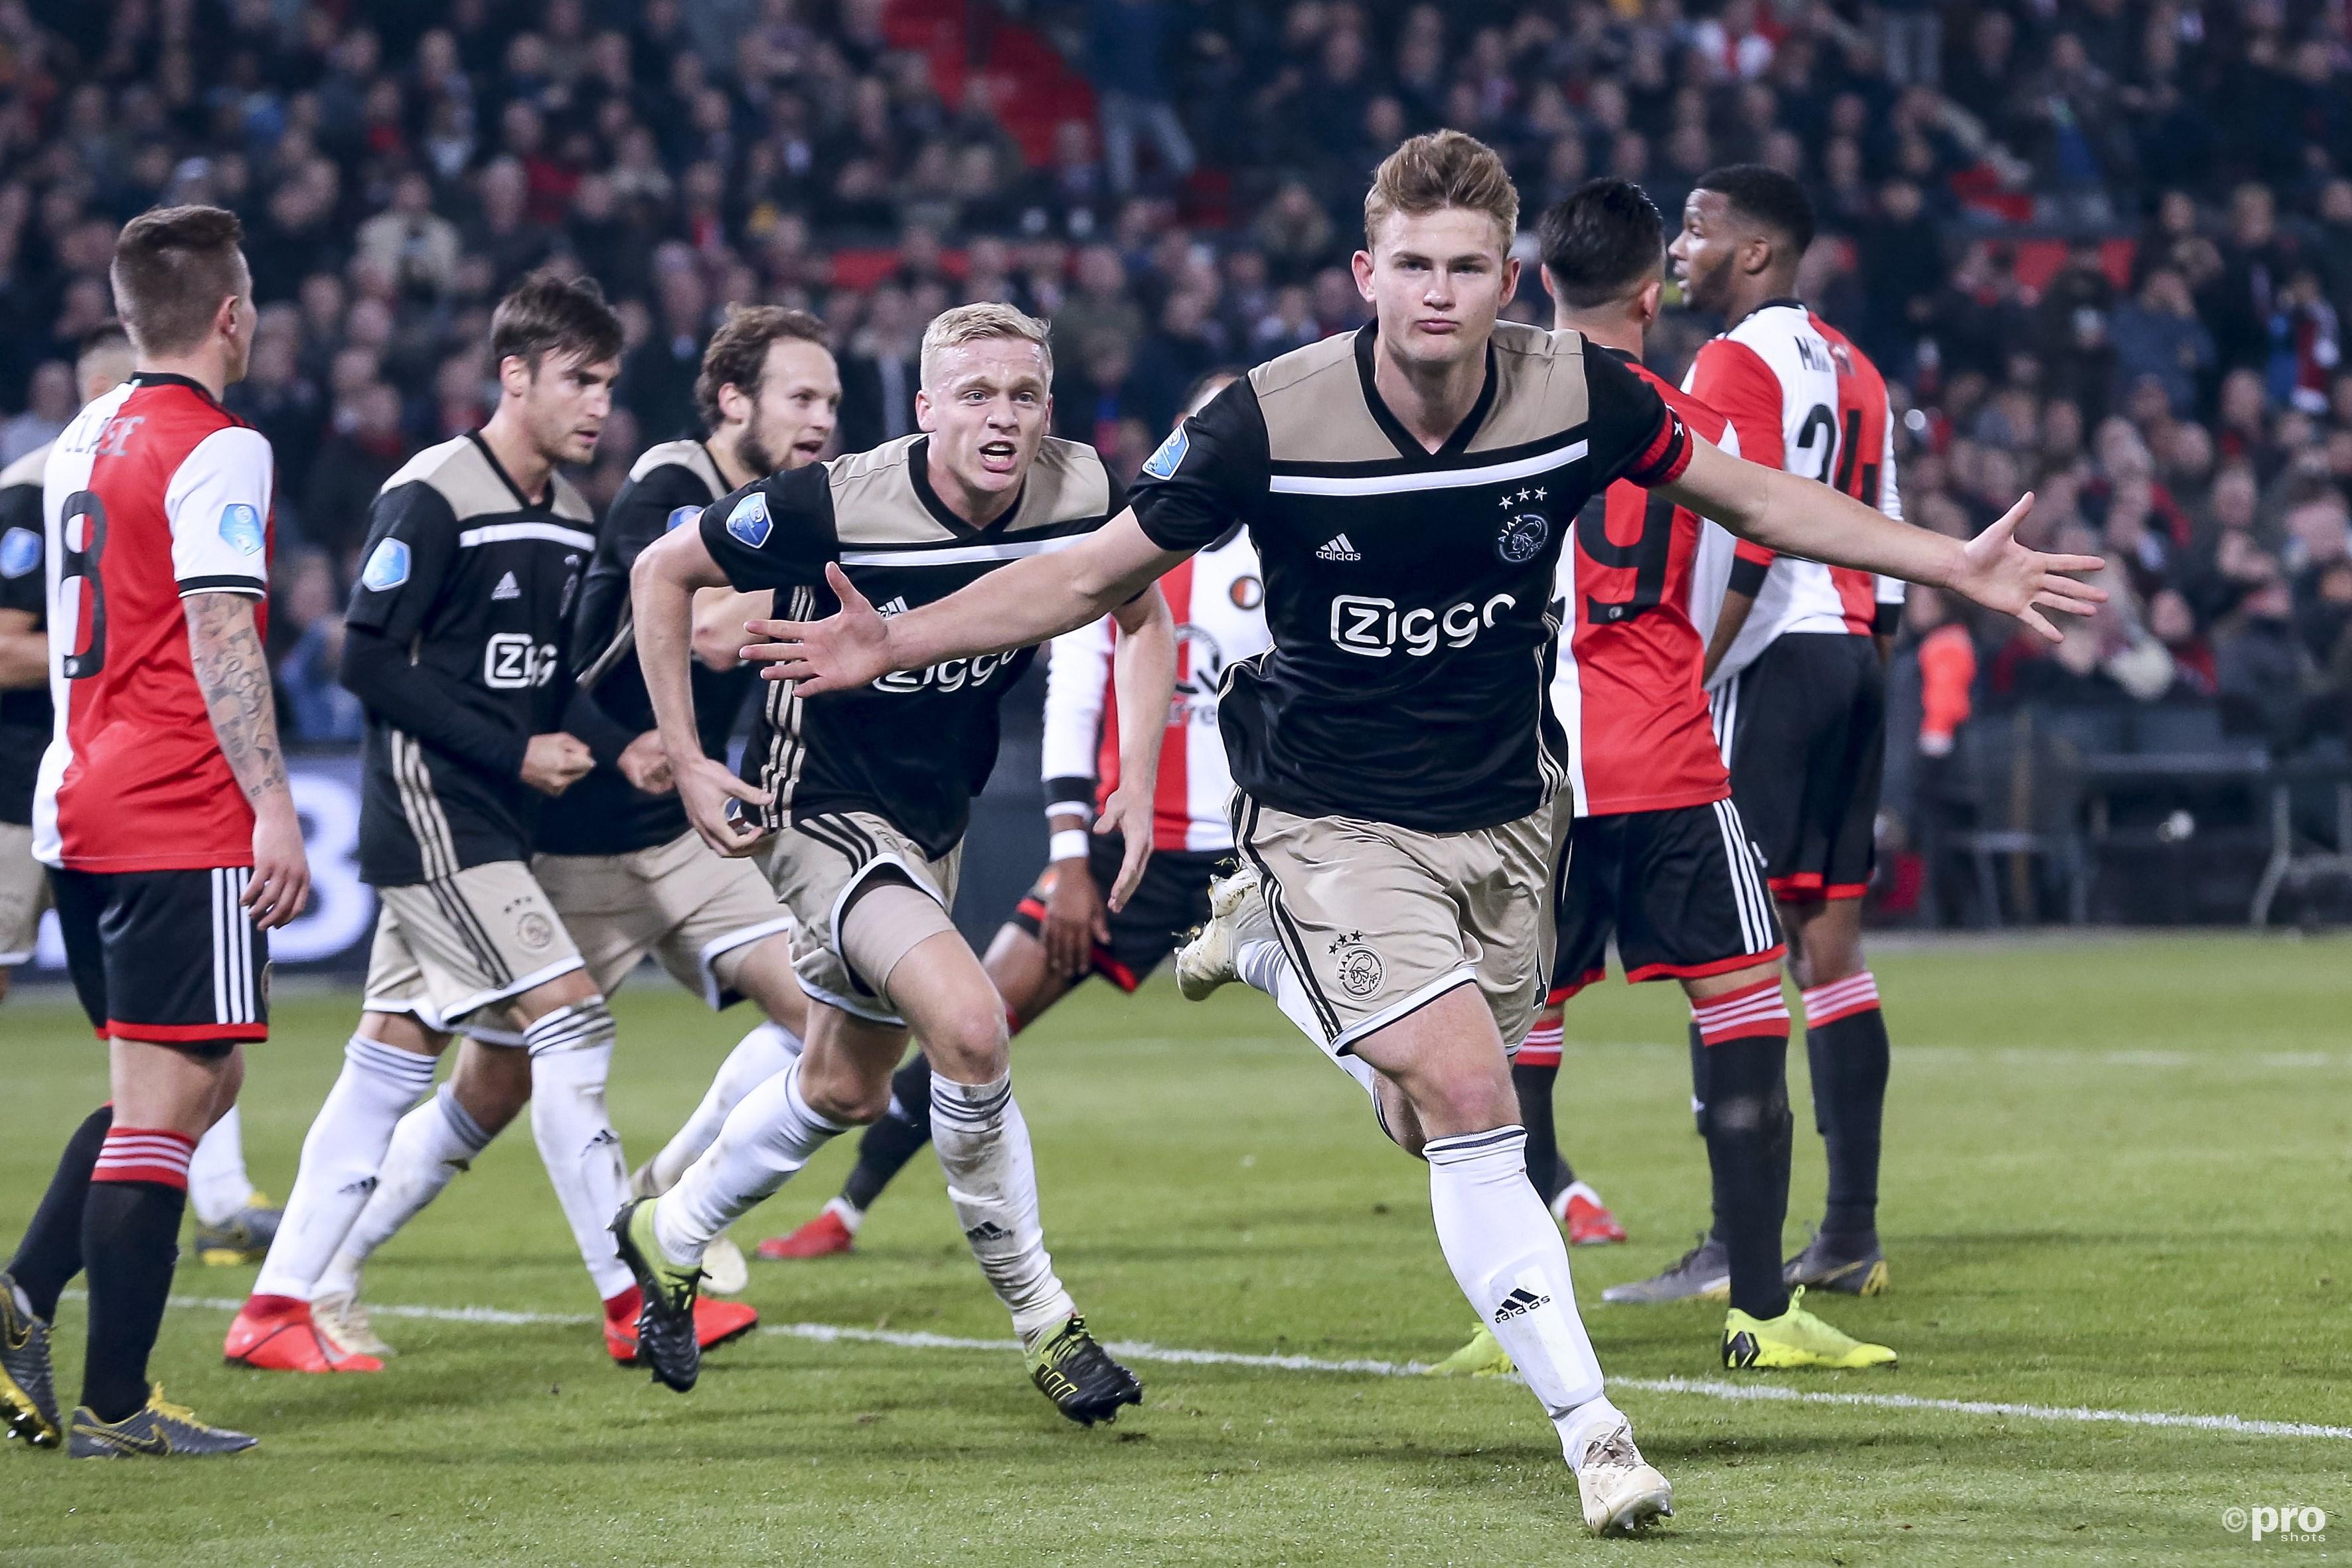 Ajax neemt revanche op Feyenoord en bereikt bekerfinale (Pro Shots / Kay Int Veen)